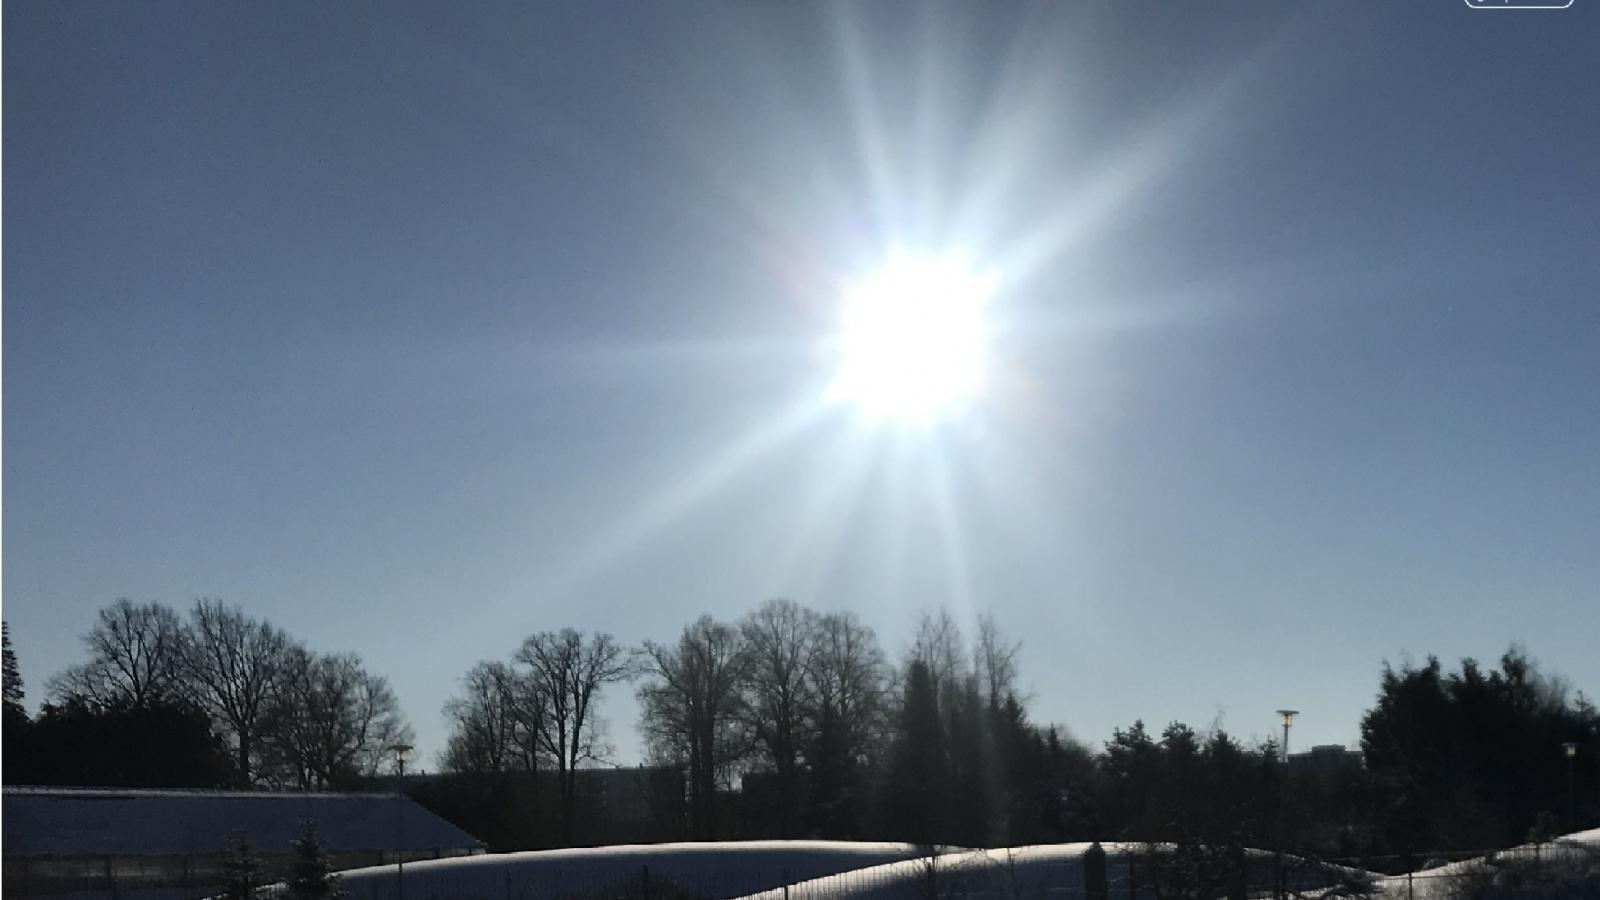 Tia UV nguy cơ gây hại cao sẽ có ở khắp các tỉnh trong 3 ngày tới